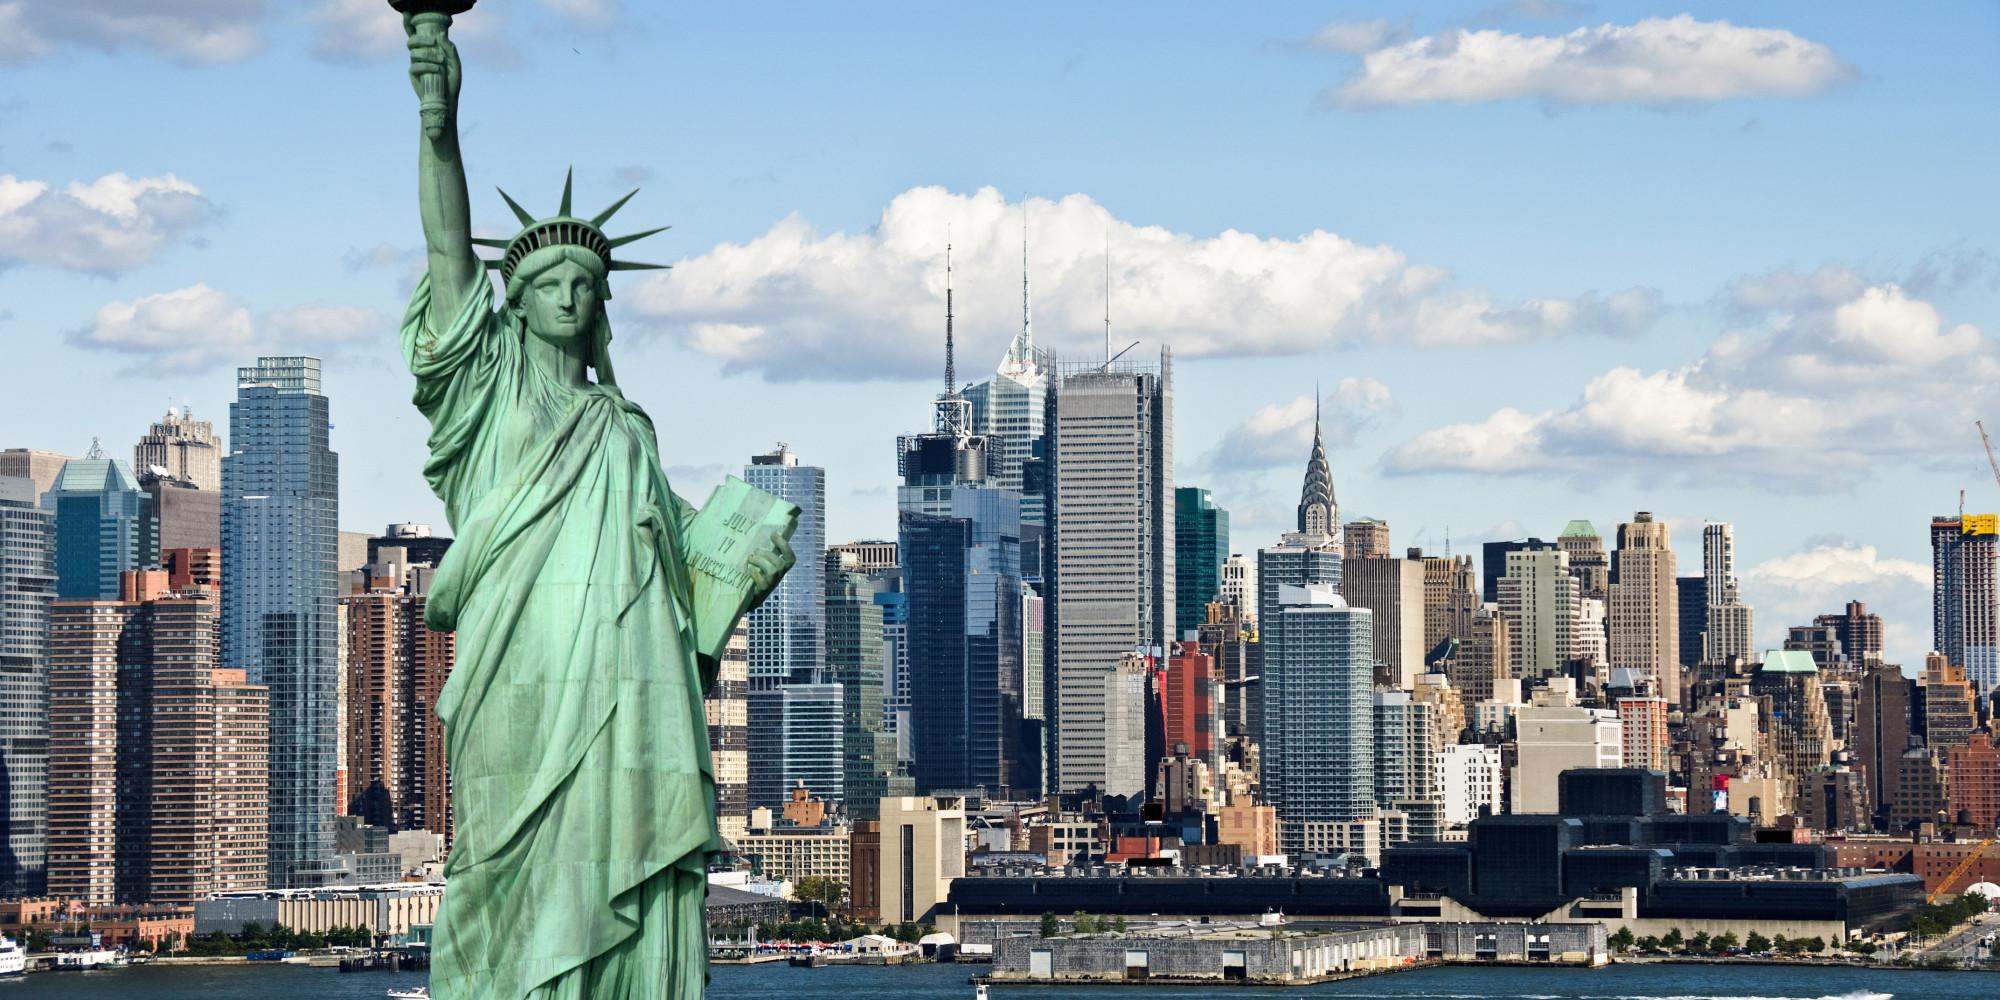 НОВА ГОДИНА ВО NEW YORK